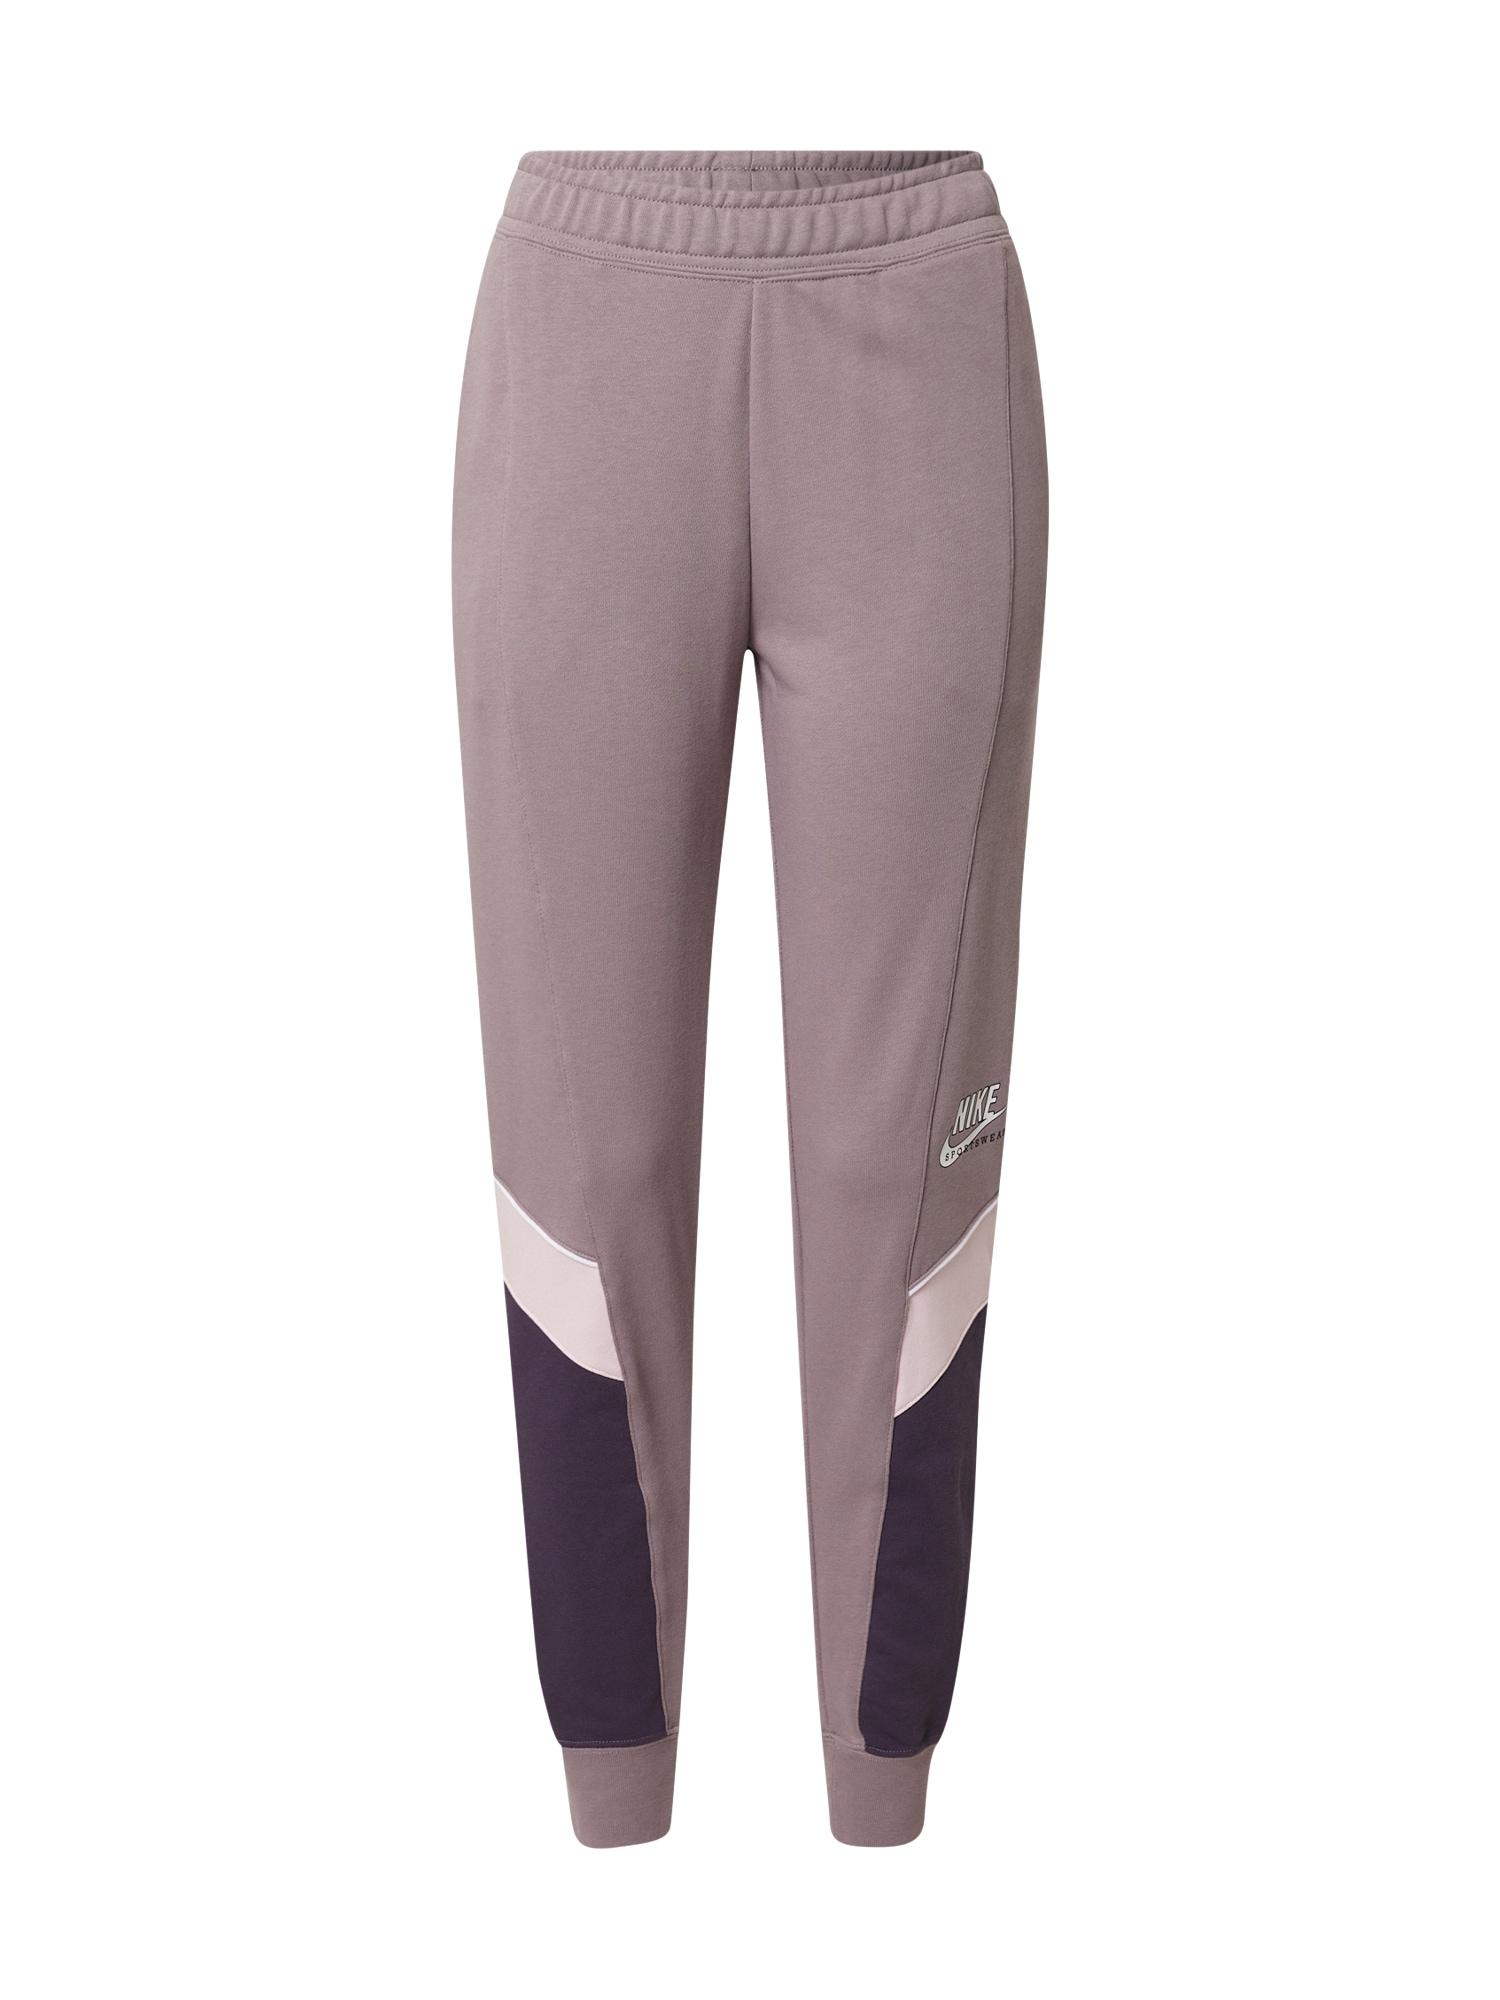 Nike Sportswear Kelnės balta / tamsiai violetinė / alyvinė spalva